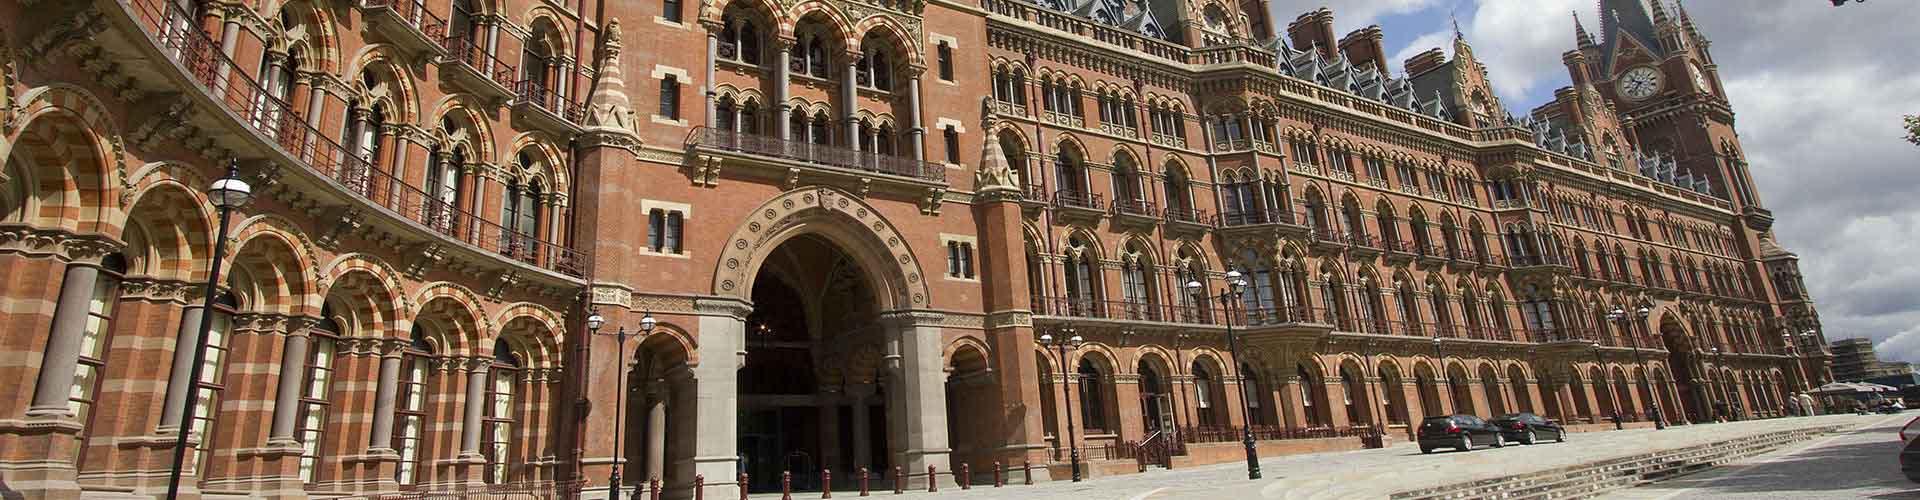 런던 - 세인트 판크라스 철도역에 가까운 호스텔. 런던의 지도, 런던에 위치한 호스텔에 대한 사진 및 리뷰.